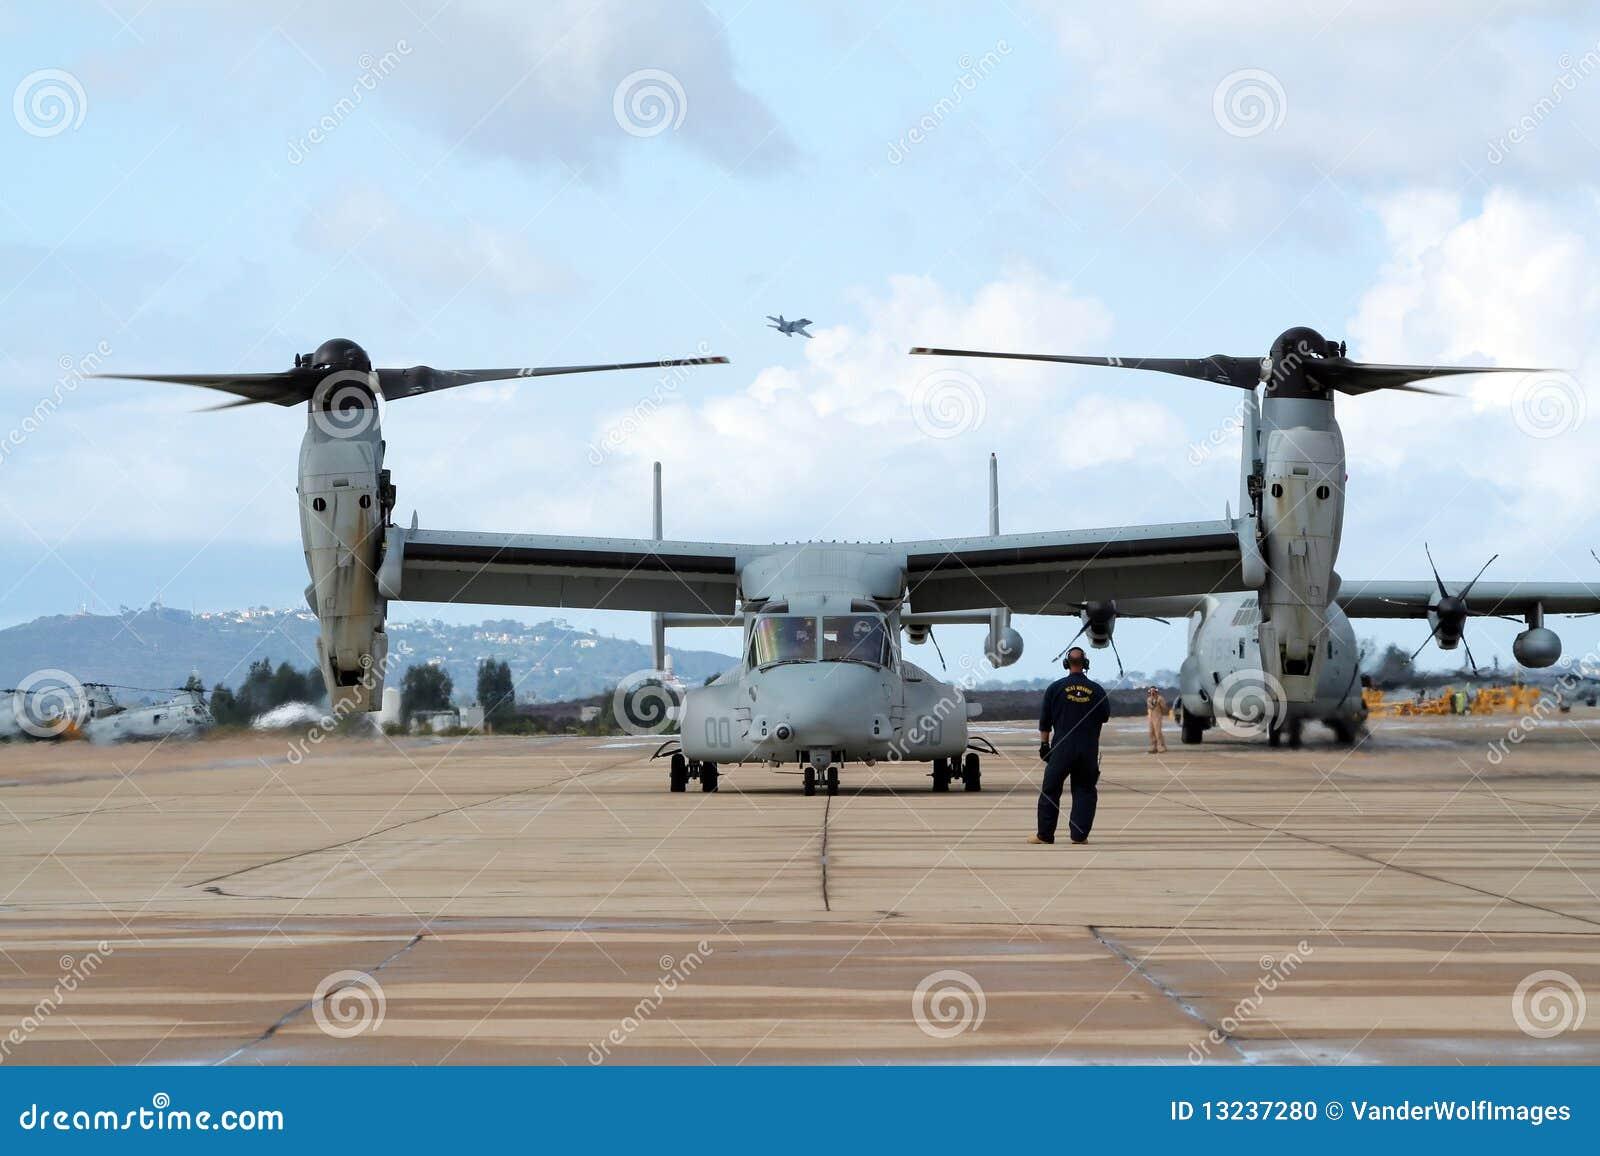 żołnierz piechoty morskiej rybołowa samolot my